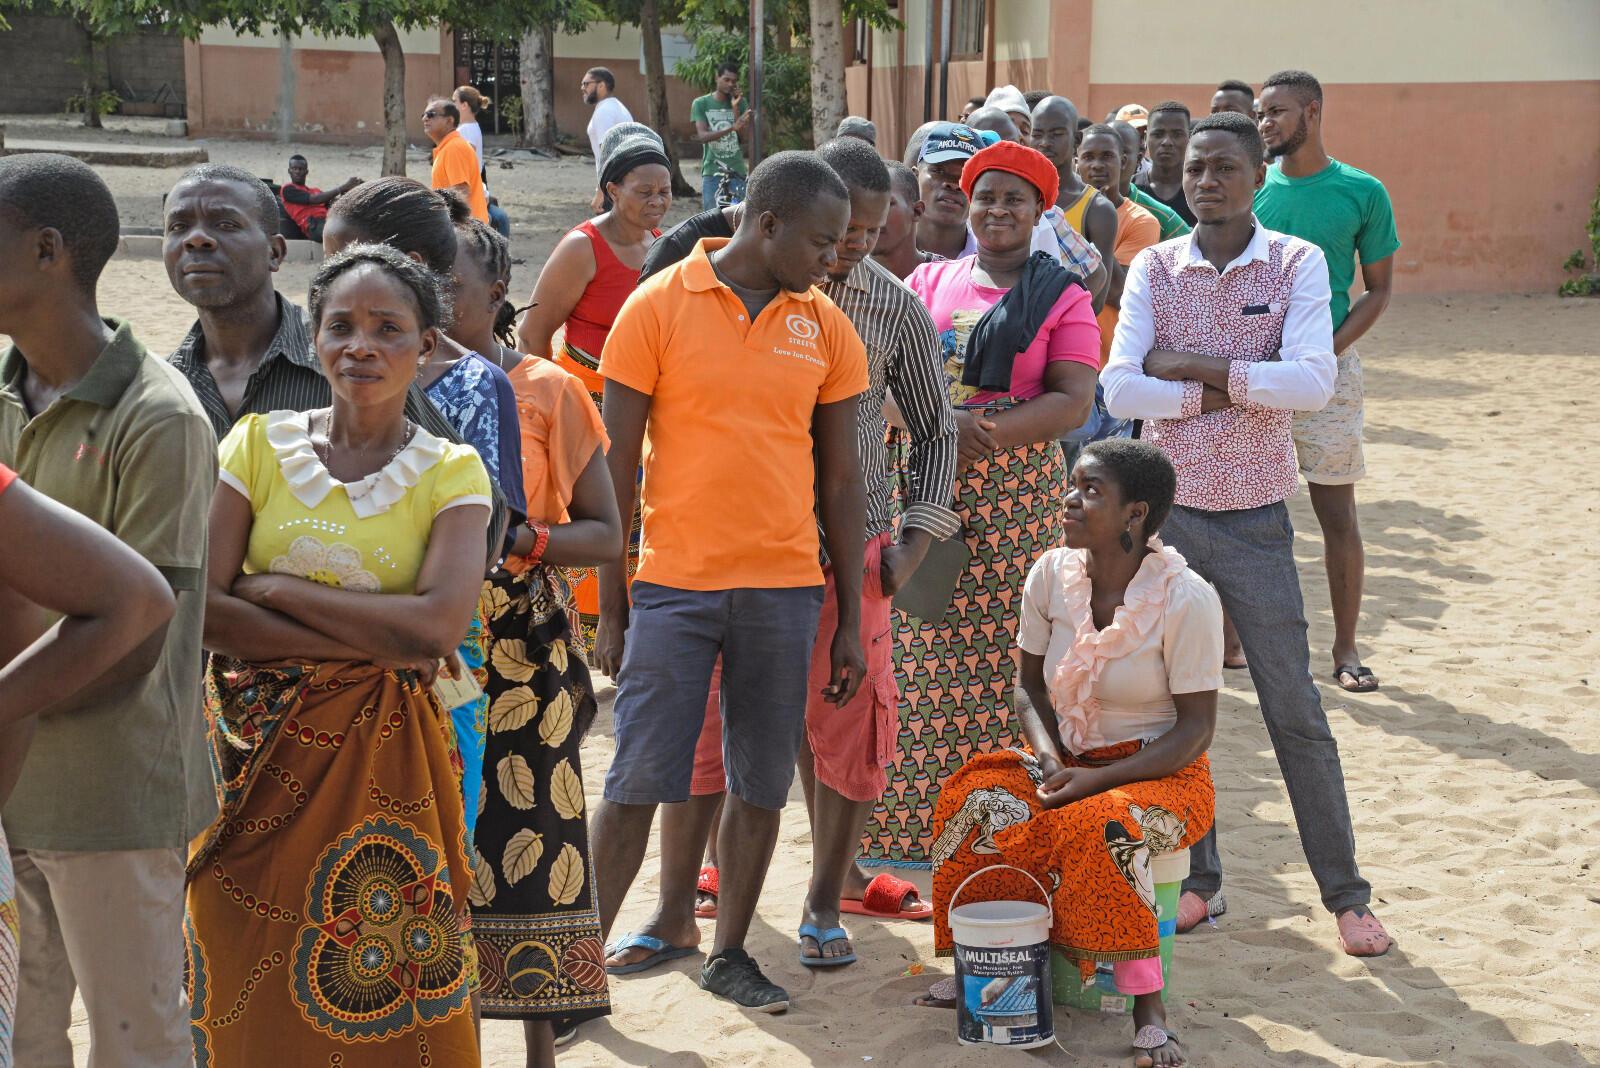 O processo de recenseamento em Moçambique tem sido marcado por dificuldades (Imagem de arquivo).